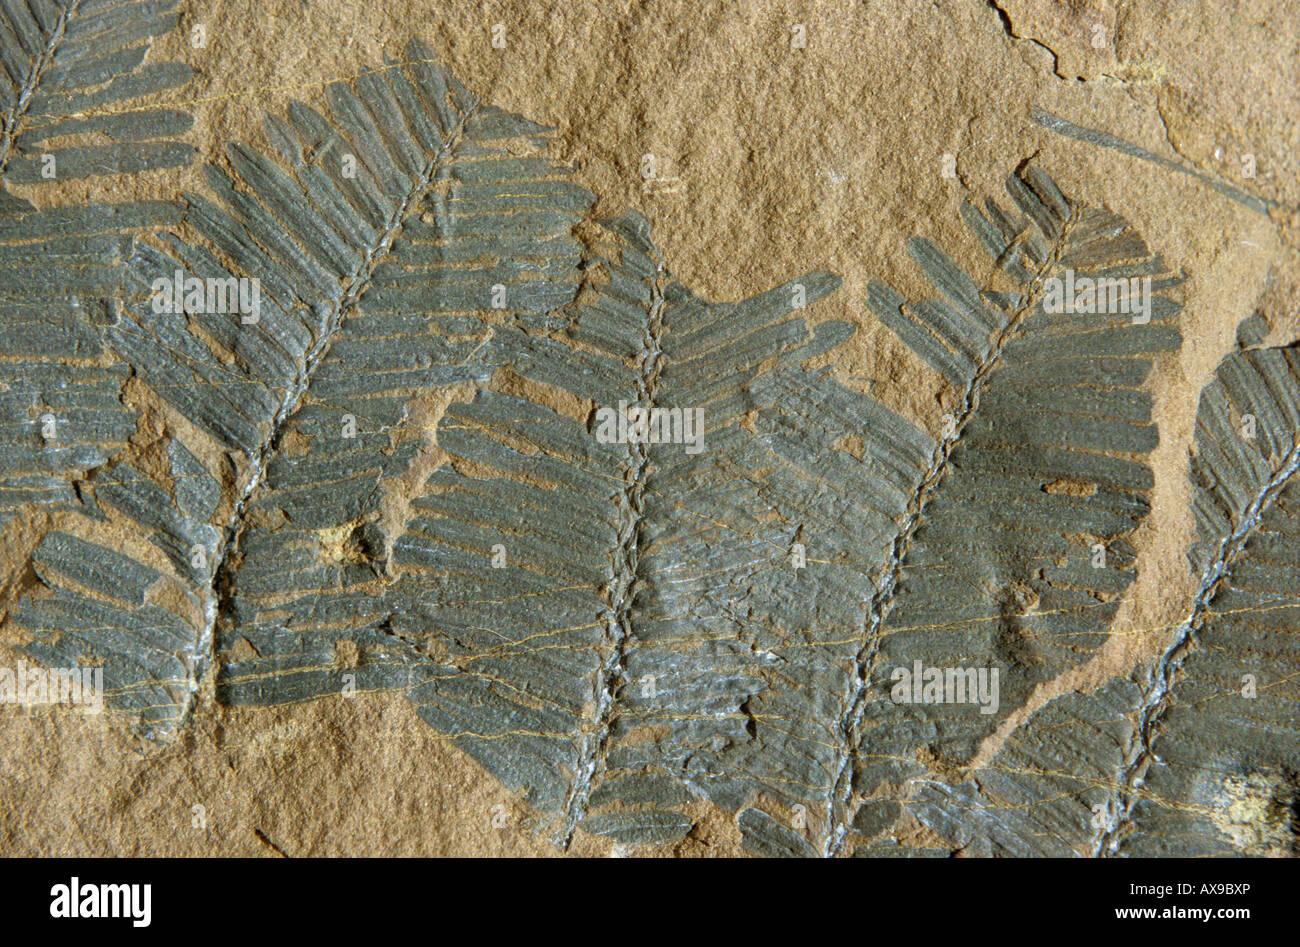 Close up of Metasequoia fossiles végétaux Bulkley River en Colombie-Britannique Photo Stock